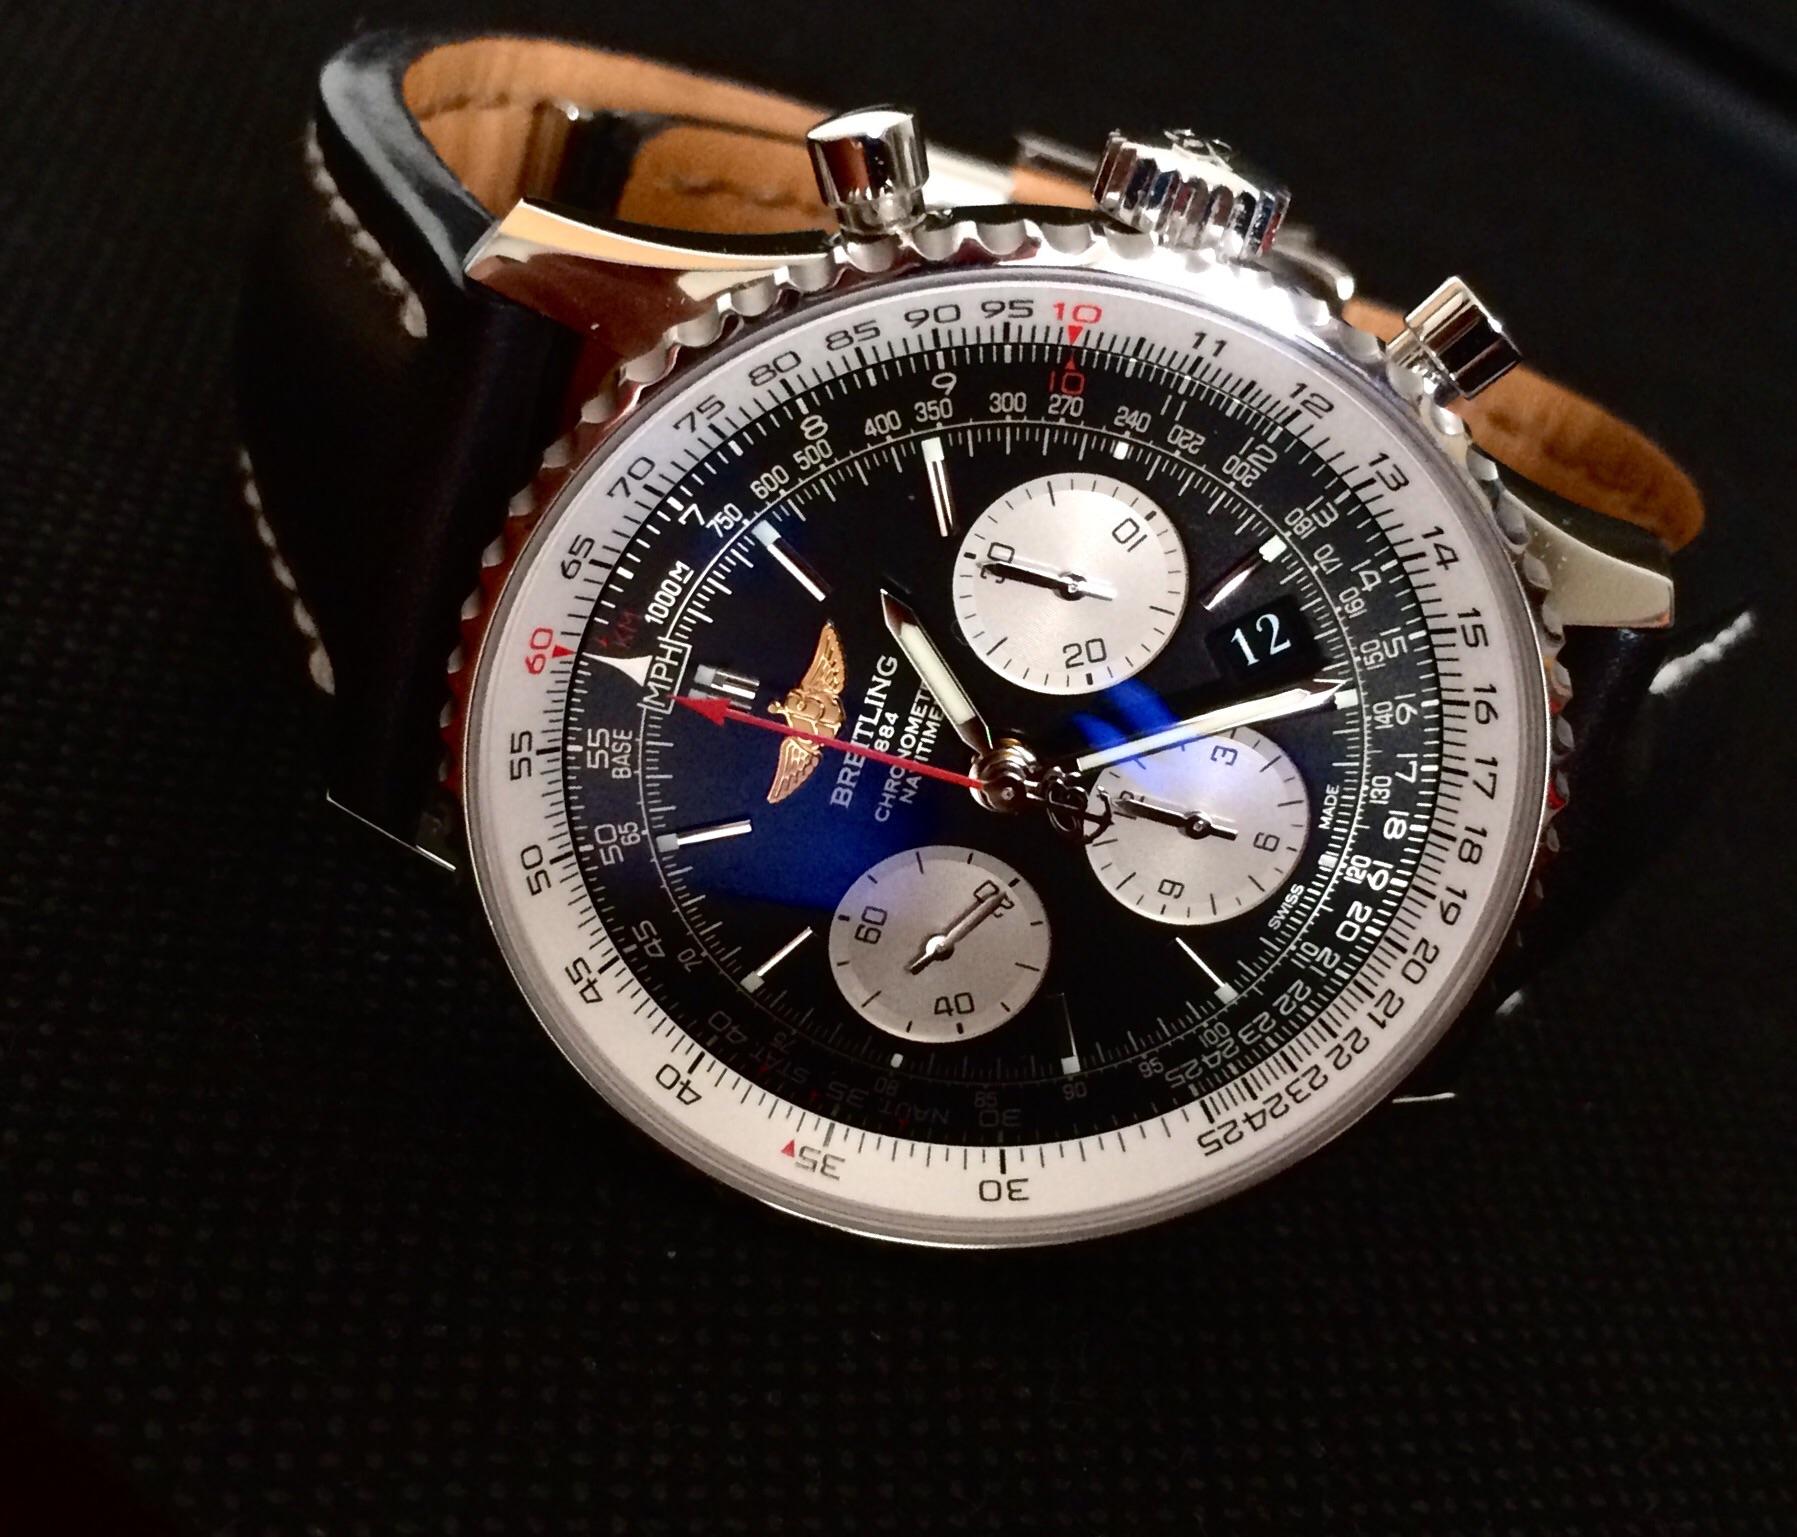 Breitling - Omega speedmaster ou Breitling navitimer  - Page 2 287170image391